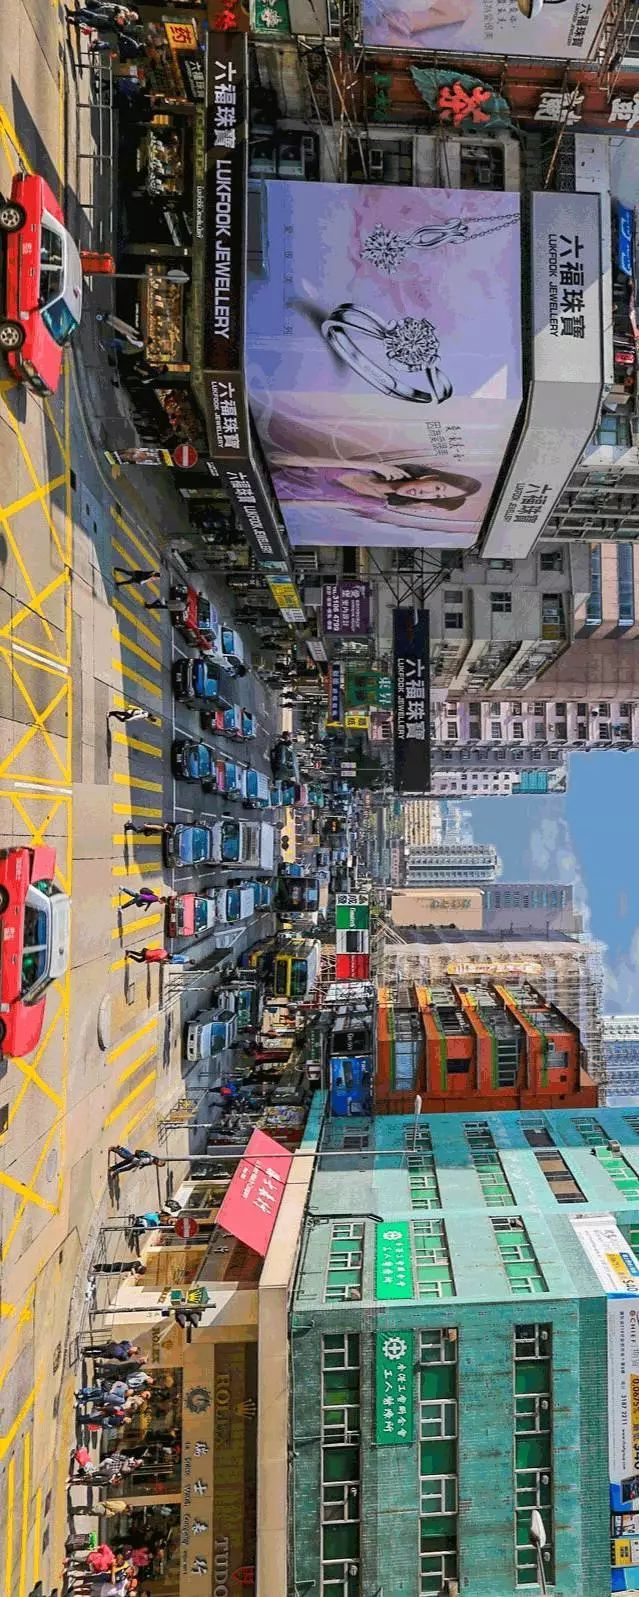 定了!搭高铁逛香港9月有望实现!温州出发,最快7个多小时,票价最低434元!